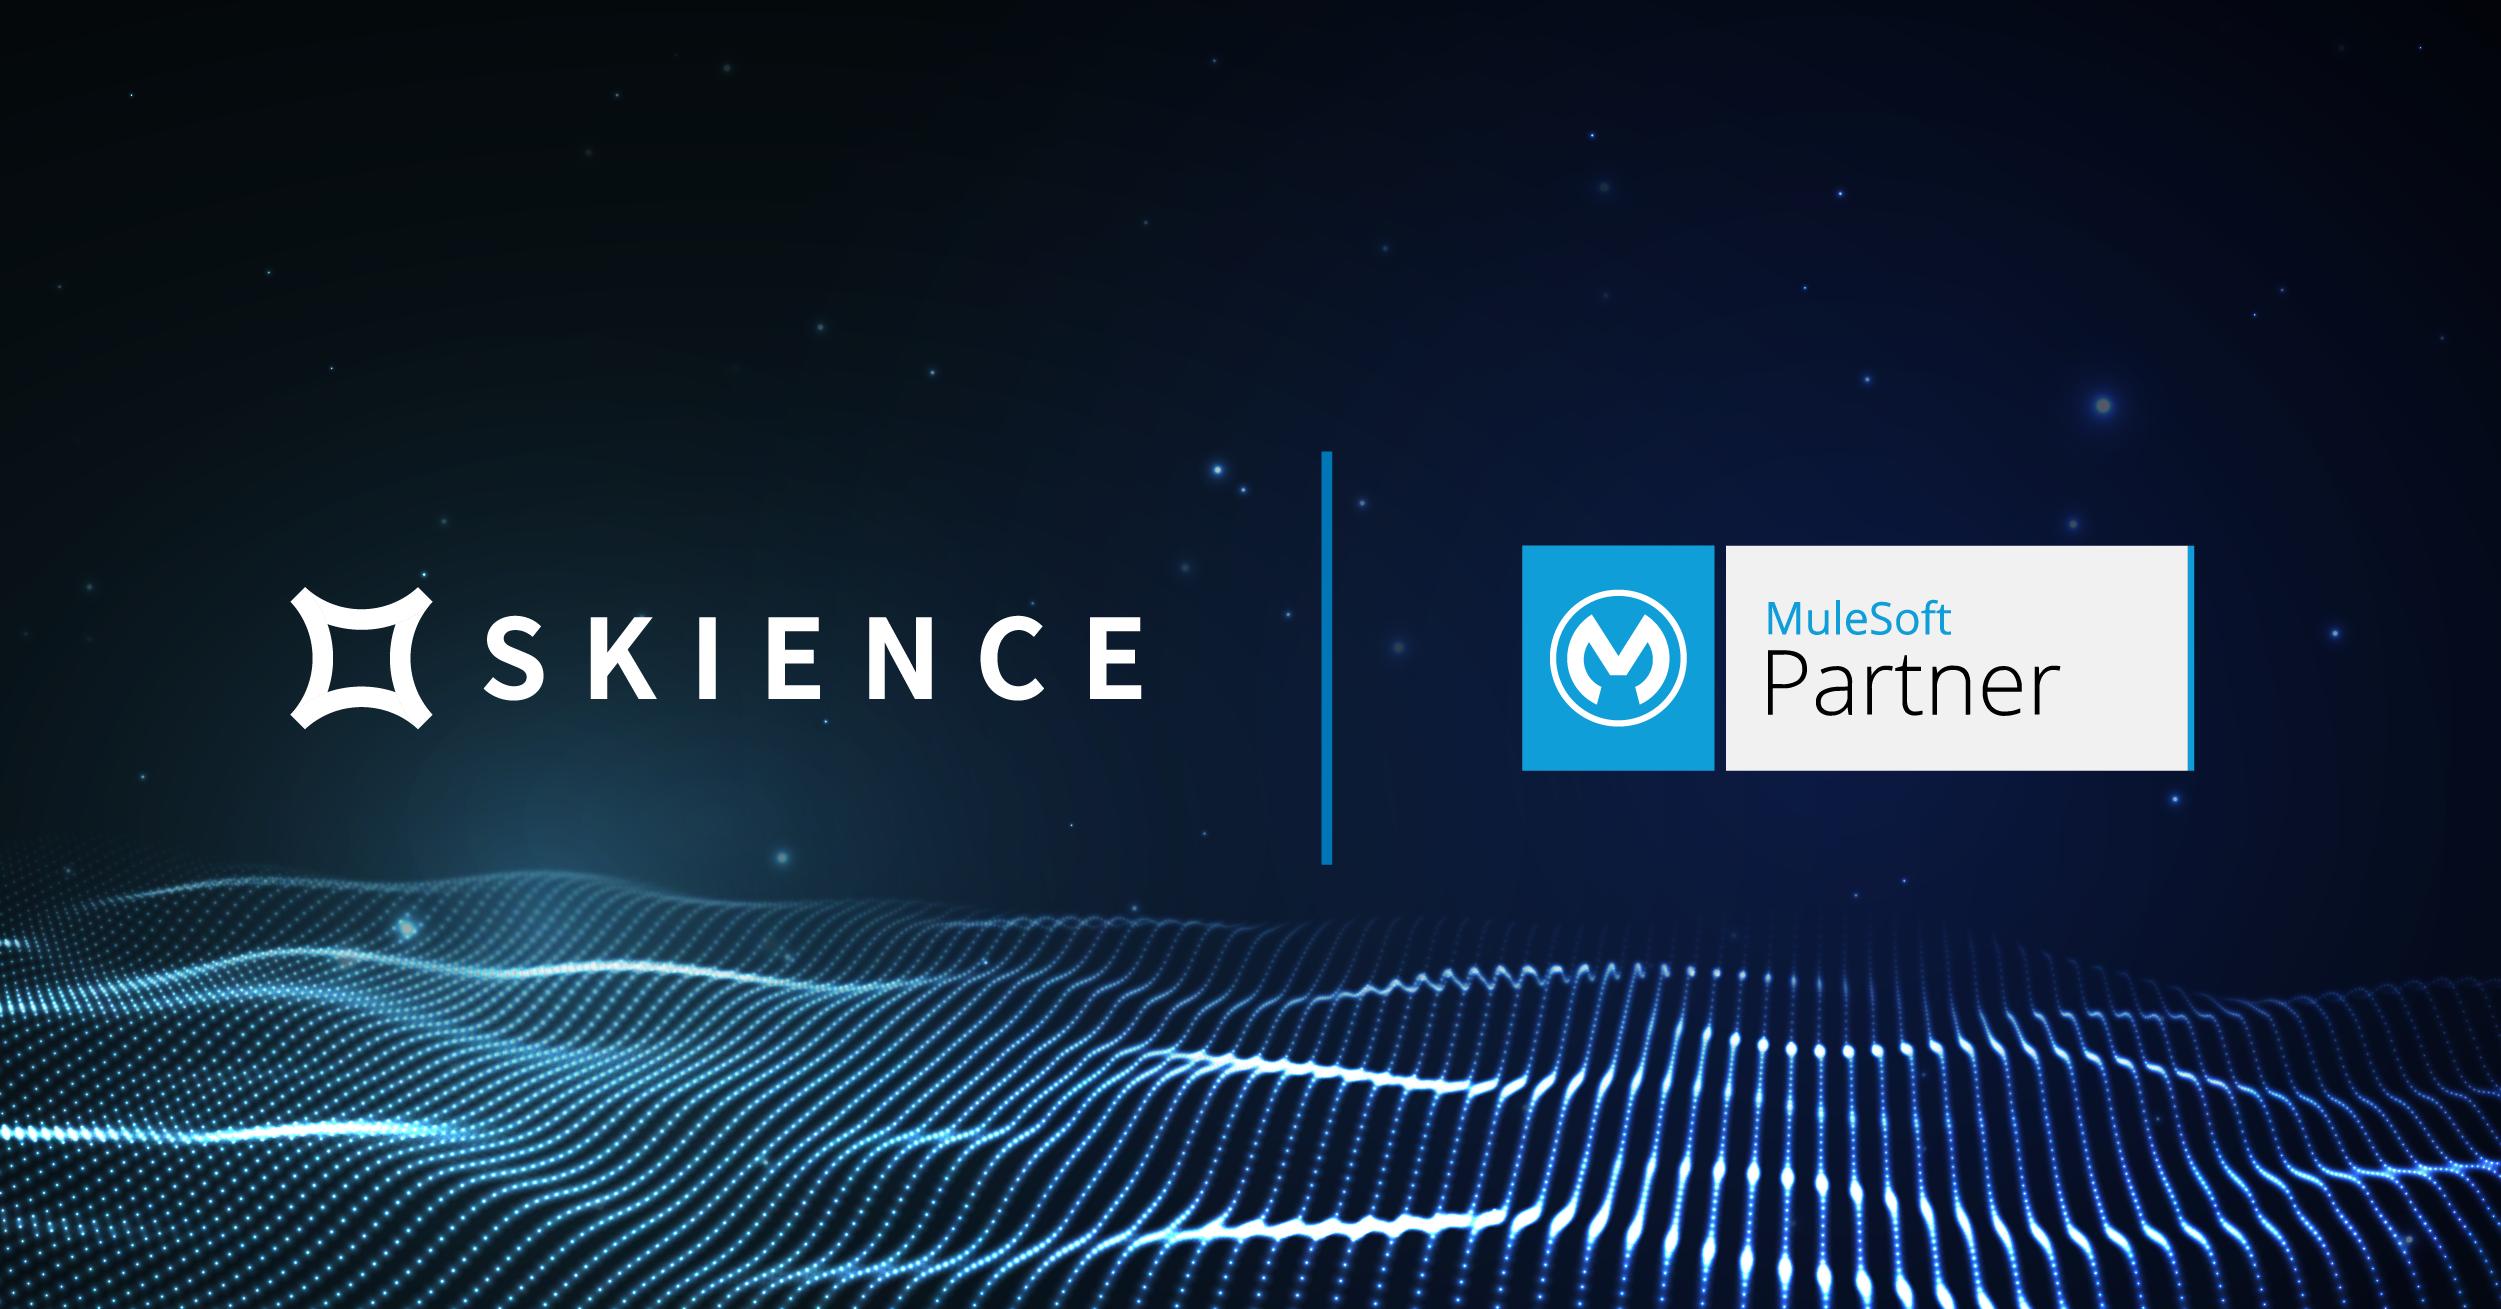 MuleSoft Partnership